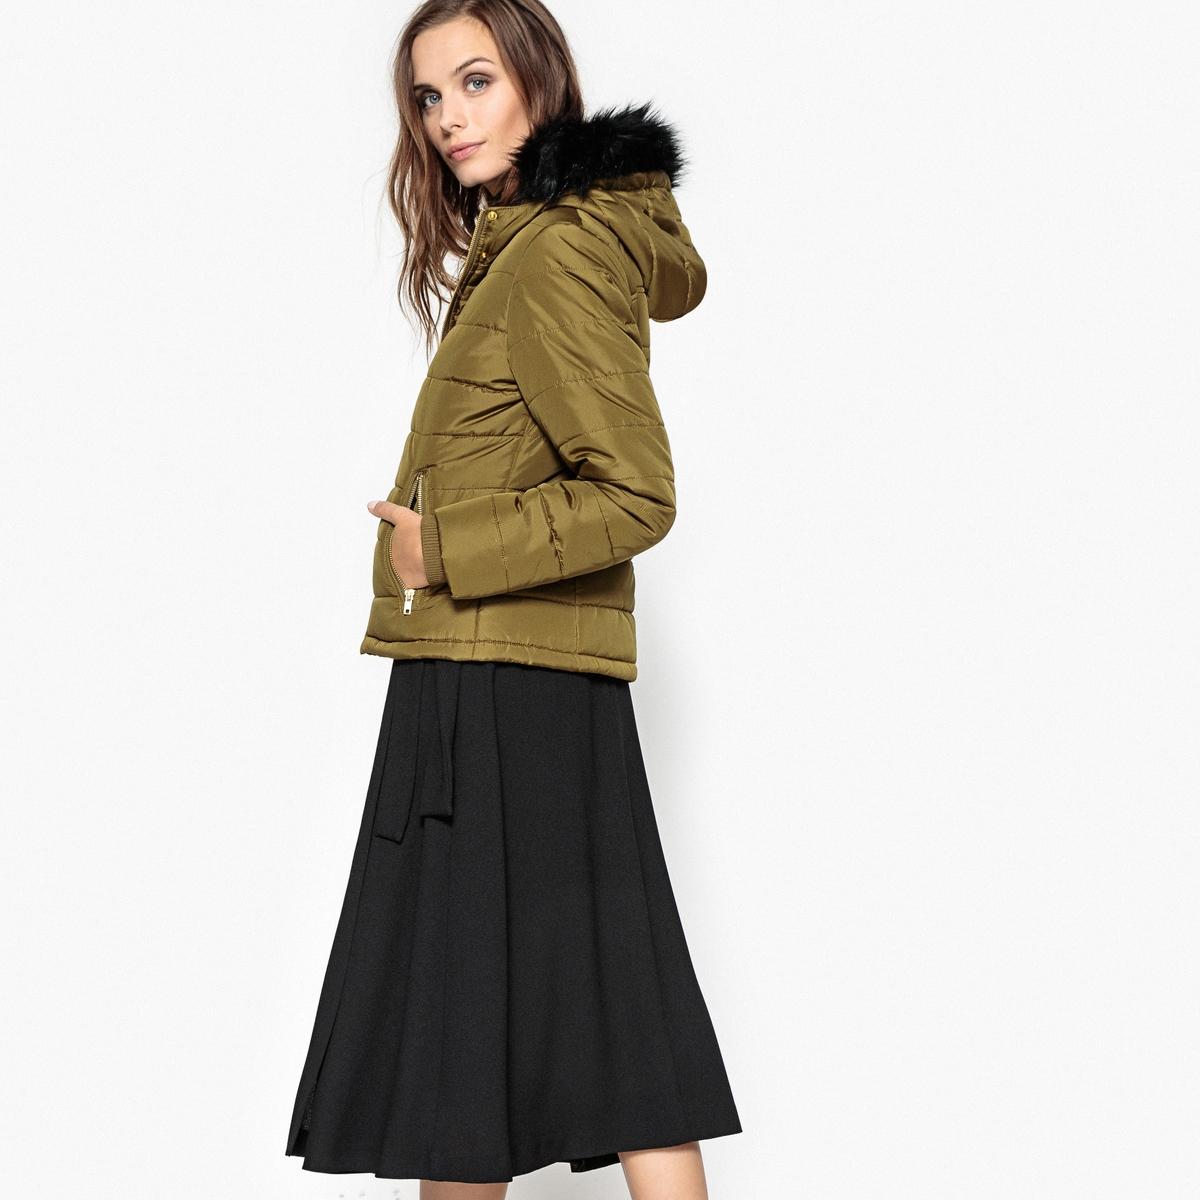 Куртка с капюшоном и синтетическим мехомОписание:Эта стеганая куртка с капюшоном отлично защитит вас от холода этой зимой. Эта короткая стеганая куртка отлично сочетается с вашими нарядами.Детали •  Длина : укороченная   •  Капюшон •  Застежка на молнию •  С капюшономСостав и уход •  100% полиэстер •  Подкладка : 100% полиэстер •  Следуйте рекомендациям по уходу, указанным на этикетке изделия •  Длина : 60 см<br><br>Цвет: темно-синий,хаки<br>Размер: 50 (FR) - 56 (RUS).46 (FR) - 52 (RUS).44 (FR) - 50 (RUS).42 (FR) - 48 (RUS).38 (FR) - 44 (RUS).52 (FR) - 58 (RUS).48 (FR) - 54 (RUS).44 (FR) - 50 (RUS).38 (FR) - 44 (RUS).46 (FR) - 52 (RUS).42 (FR) - 48 (RUS)